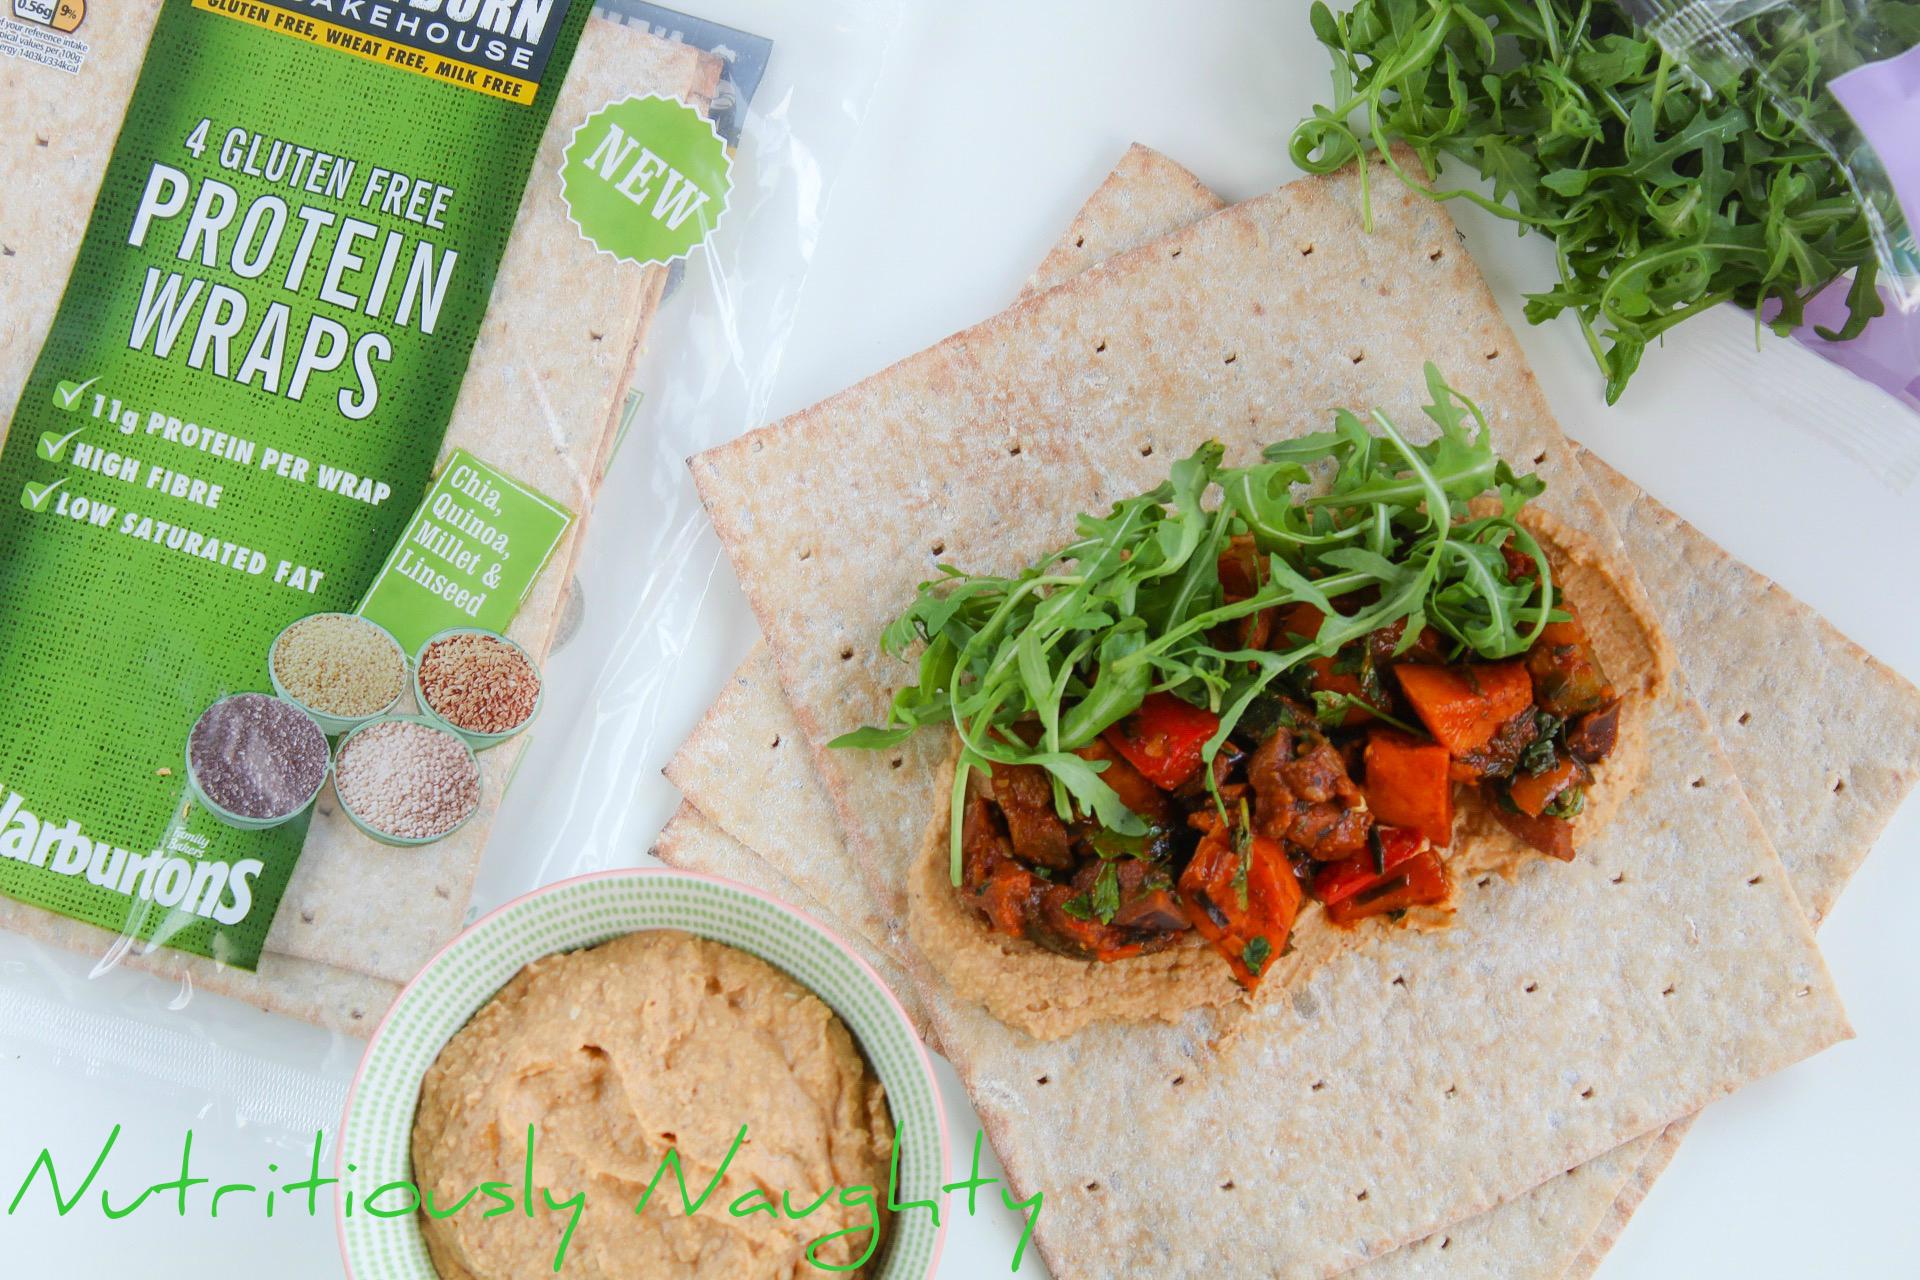 Paprika Veg with Za'atar Houmous and Newburn Bakehouse Gluten Free Protein Wraps